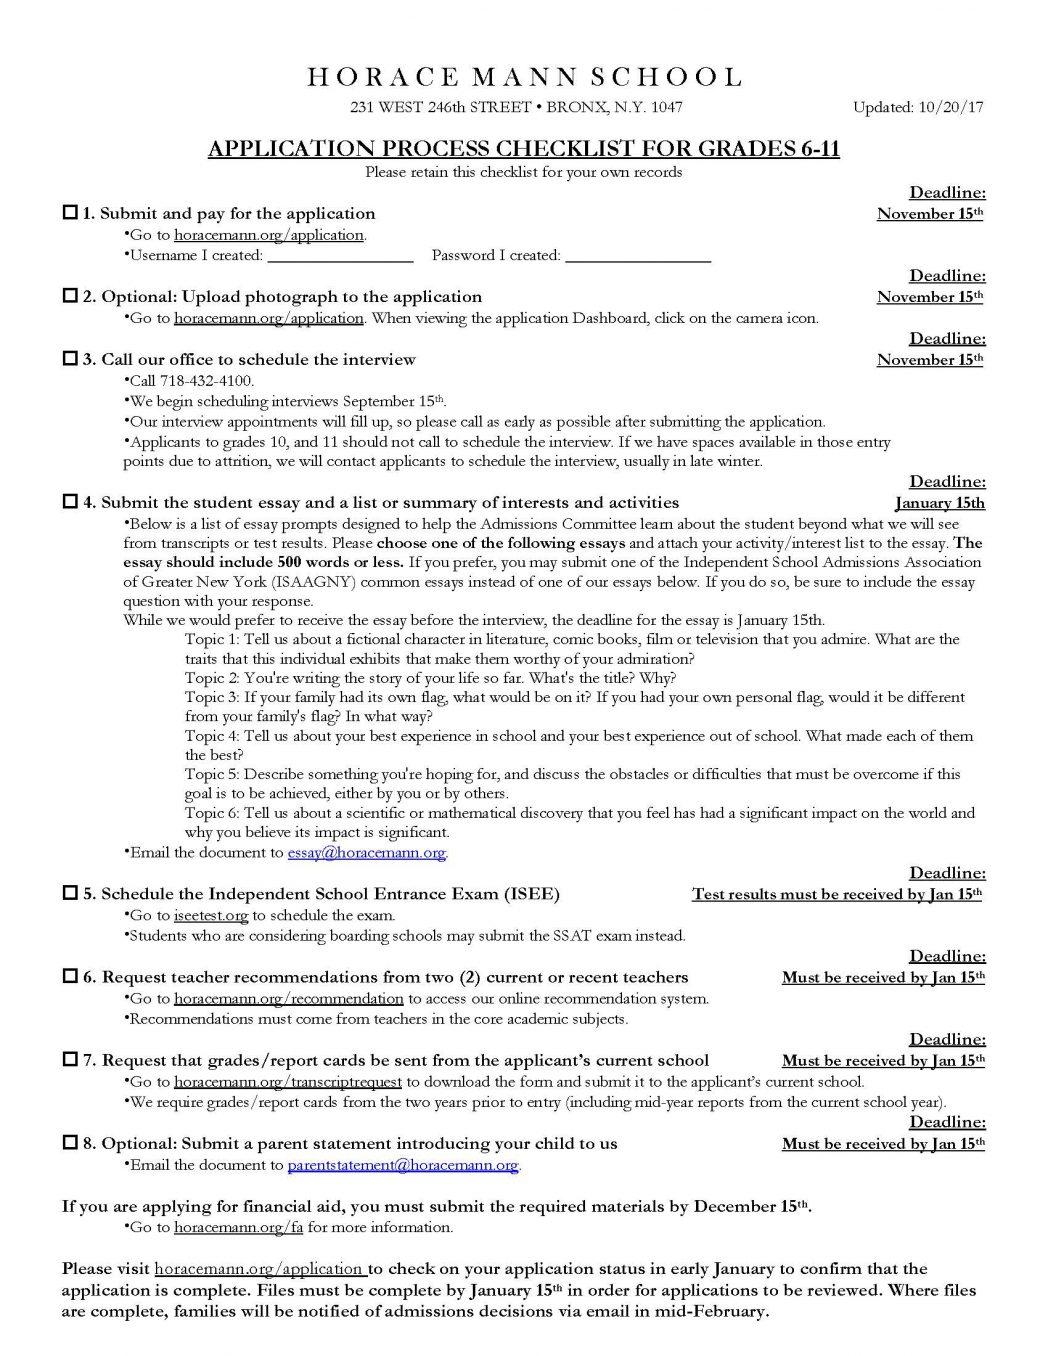 Sewanhaka high school homework help